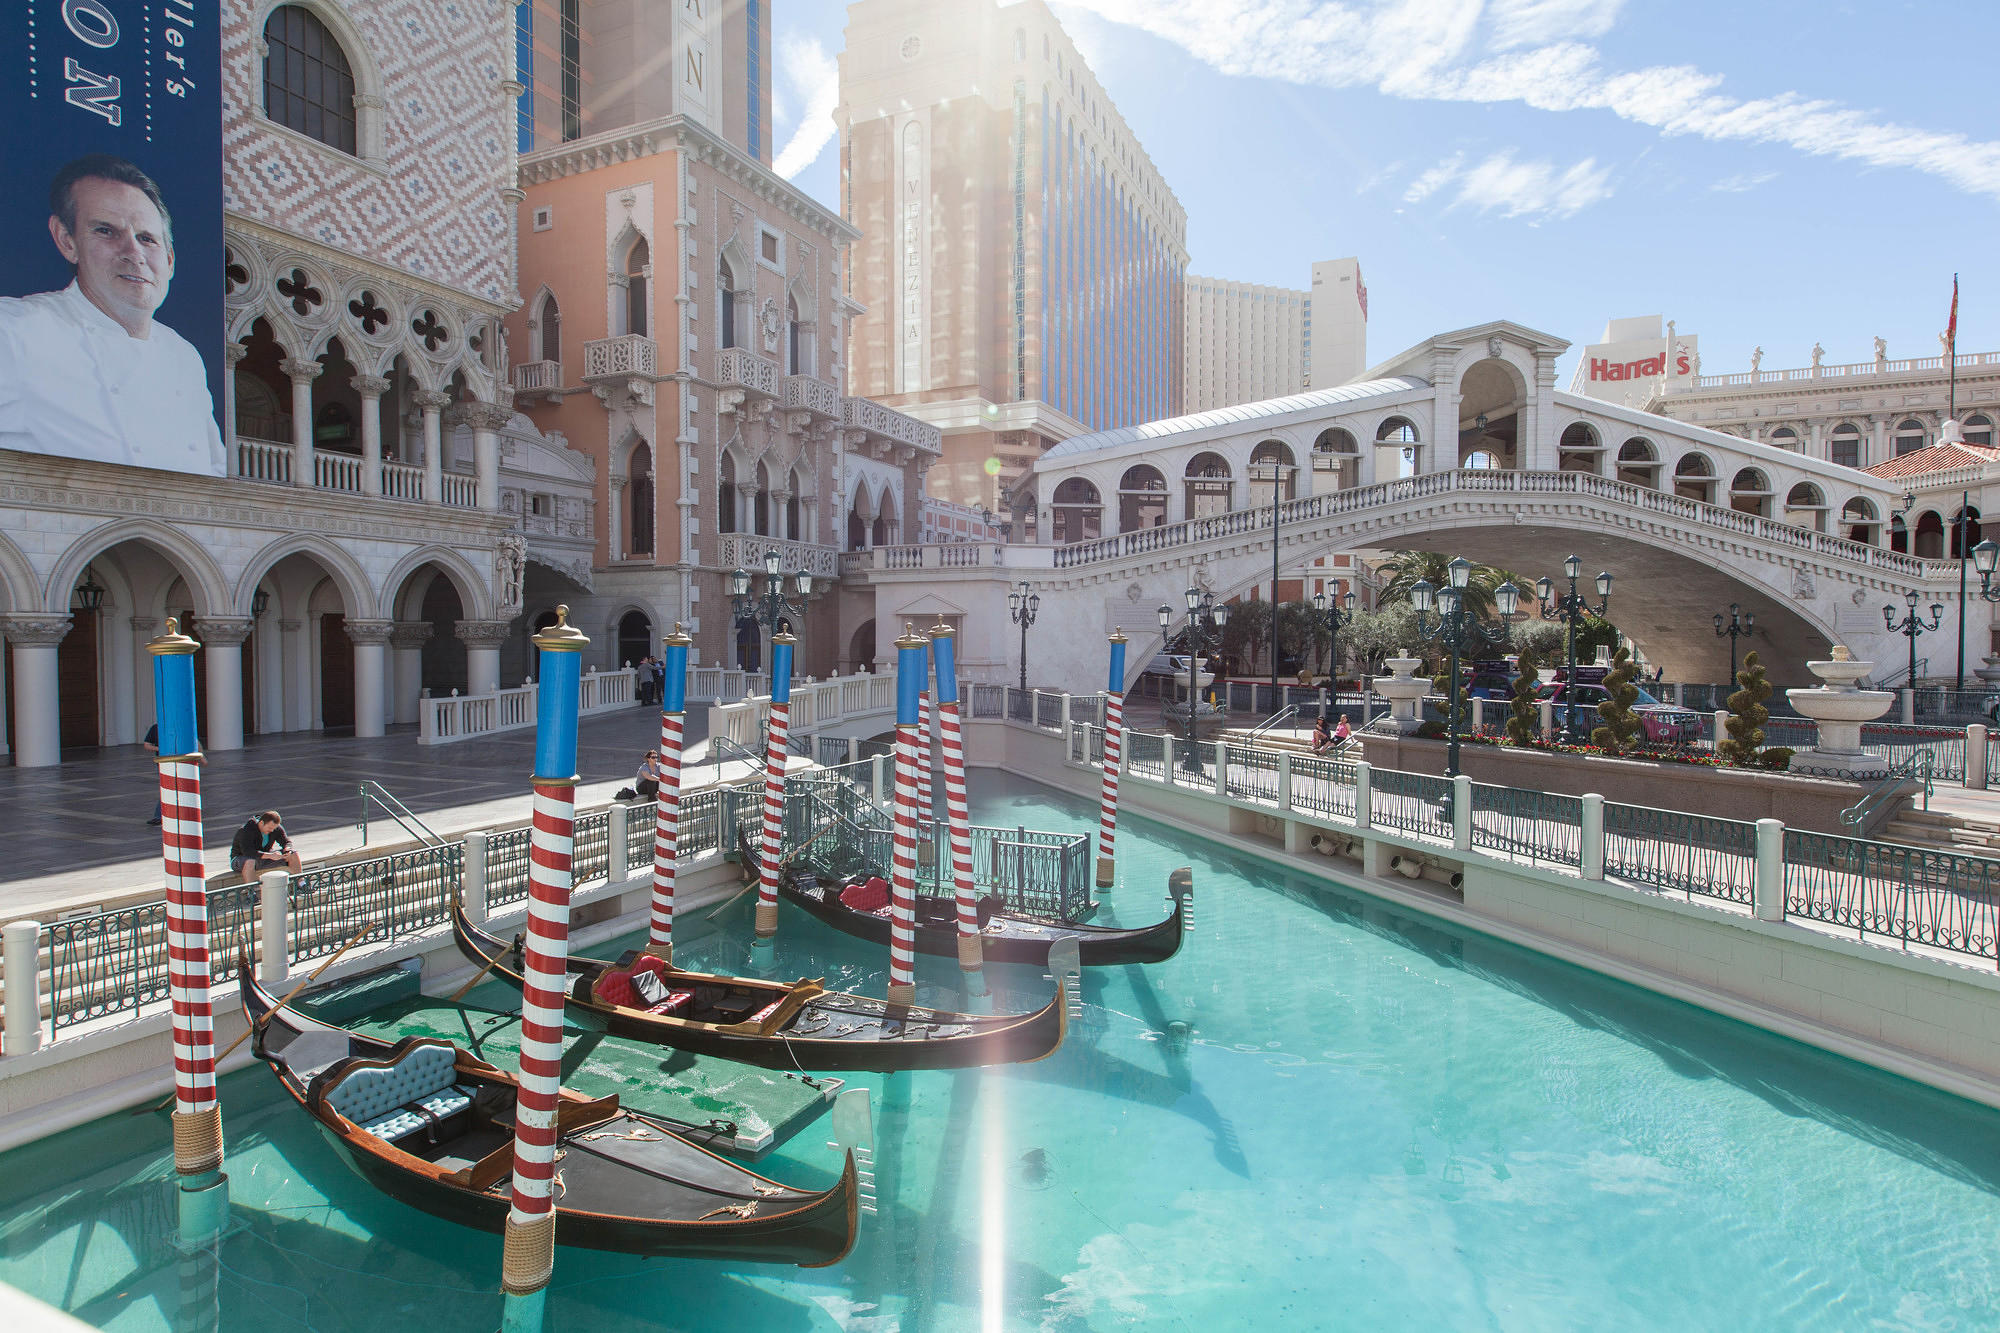 Gondola at The Venetian Resort